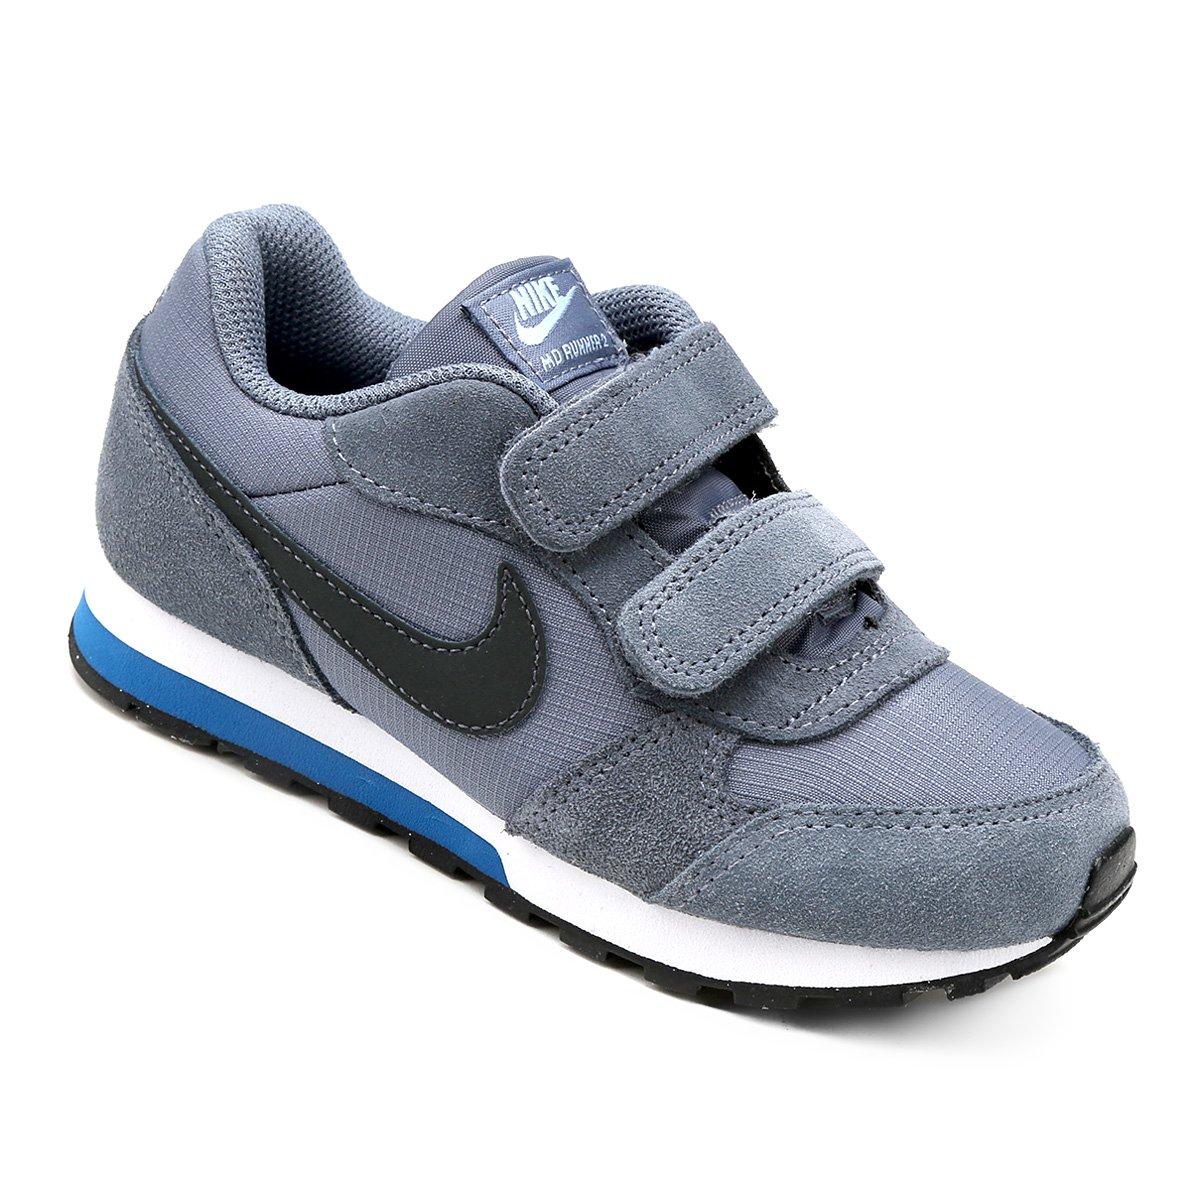 Tênis Infantil Nike Md Runner 2 - Azul Claro e Preto - Compre Agora ... fe22d5b61e2e7